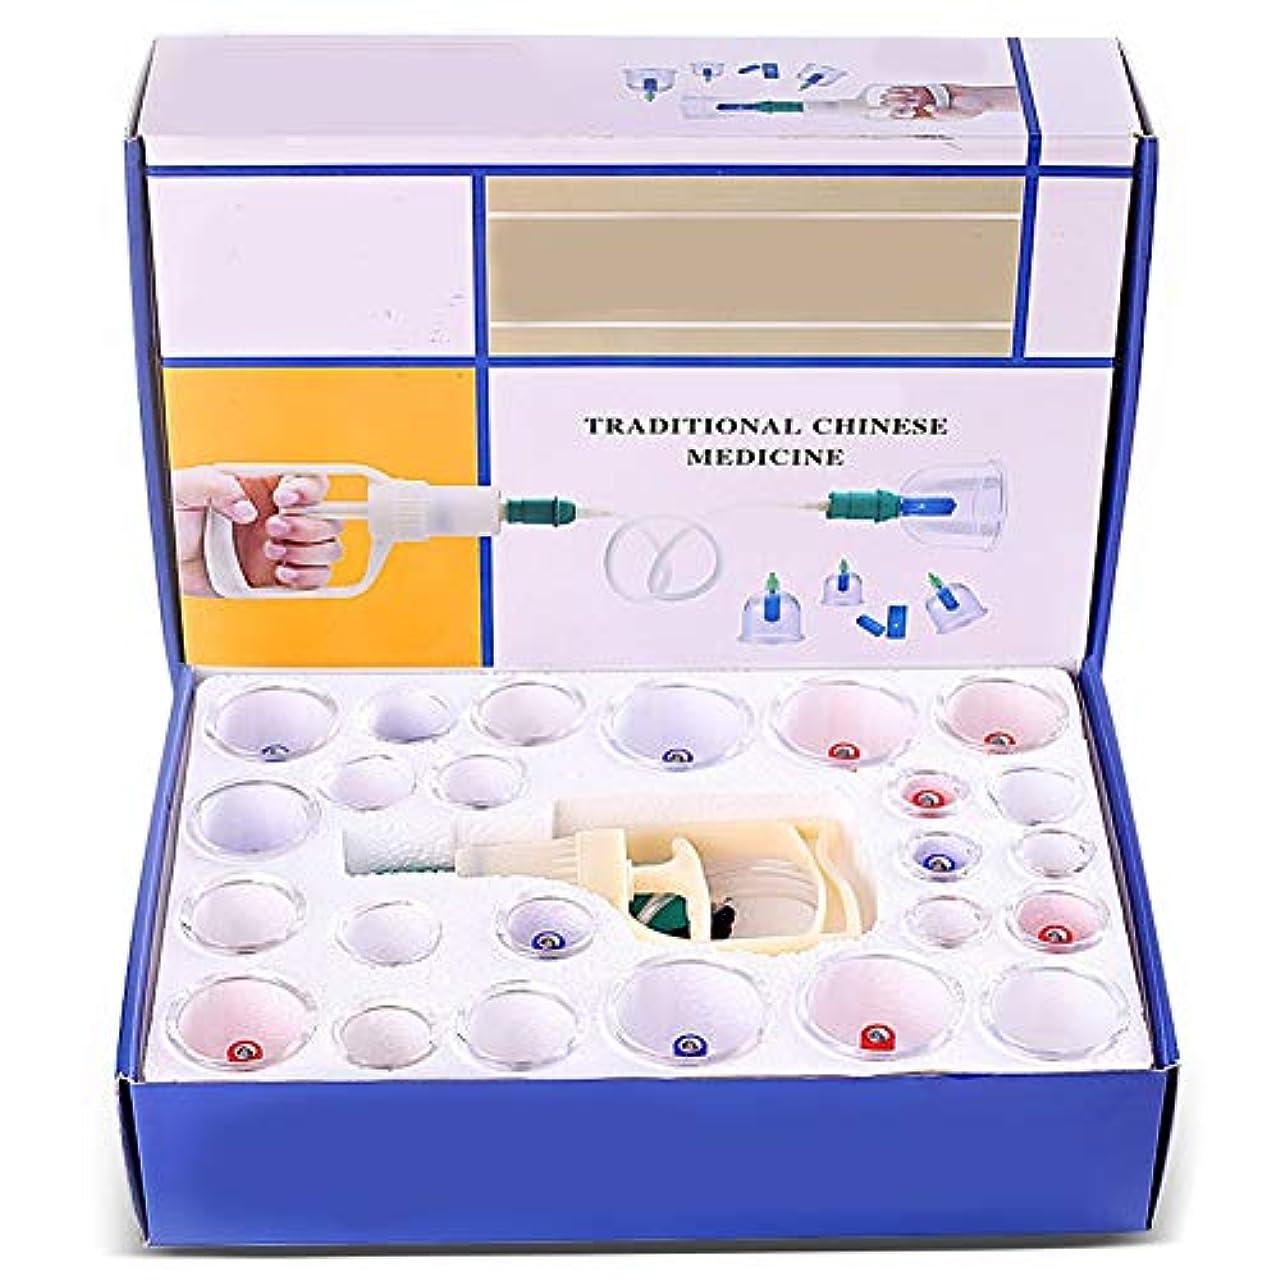 突き出す世界に死んだ食事カッピングセットプラスチック、プレミアム透明プラスチック中国のツボカッピング療法、ポータブルパッケージ、ボディマッサージの痛みを軽減する理学療法24カップ